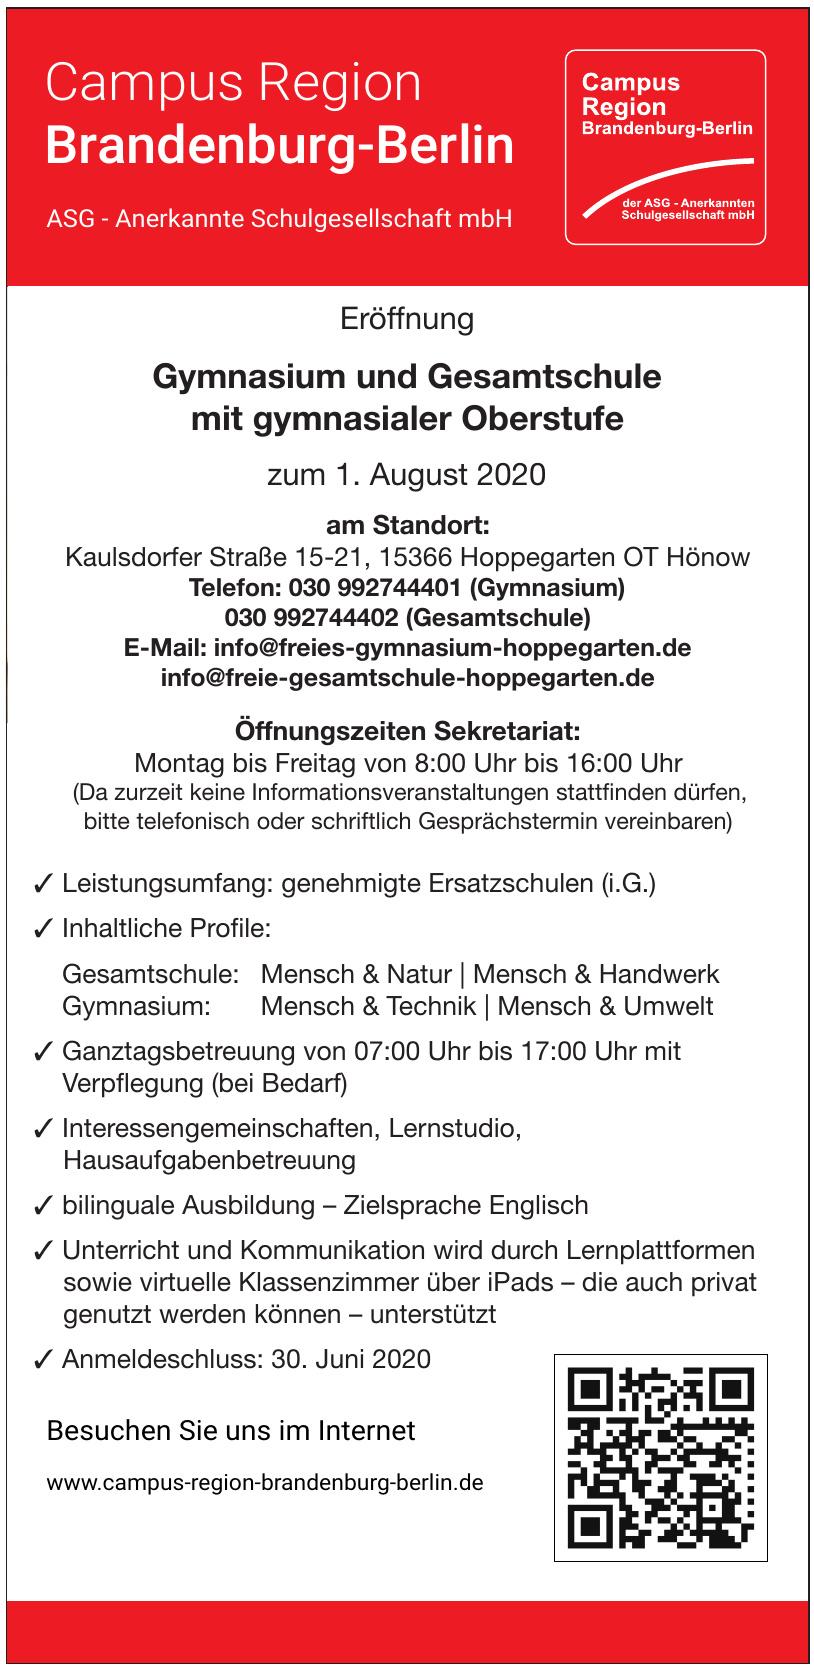 Campus Region Brandenburg-Berlin - Gymnasium und Gesamtschule mit gymnasialer Oberstufe